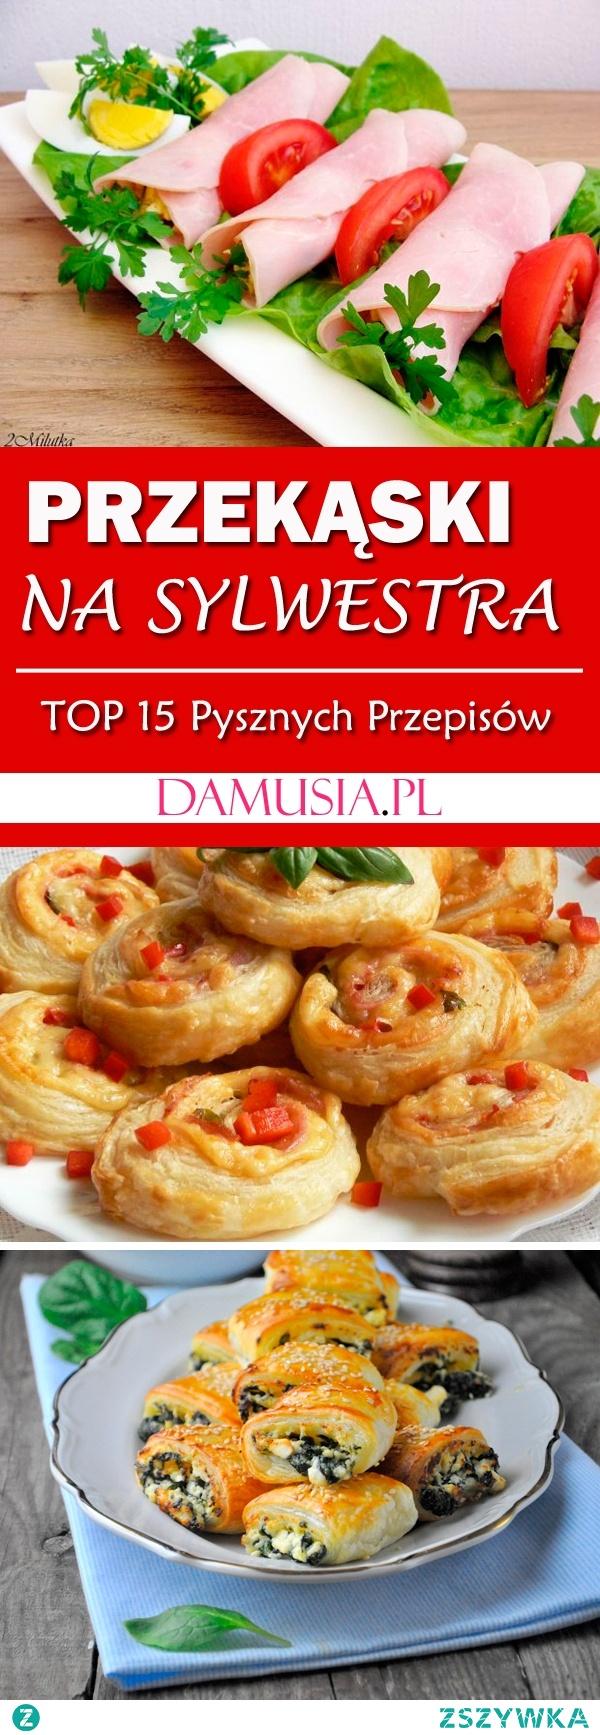 Sylwestrowe Przekąski – TOP 15 Przepisów na Pyszne Przekąski na Sylwestra